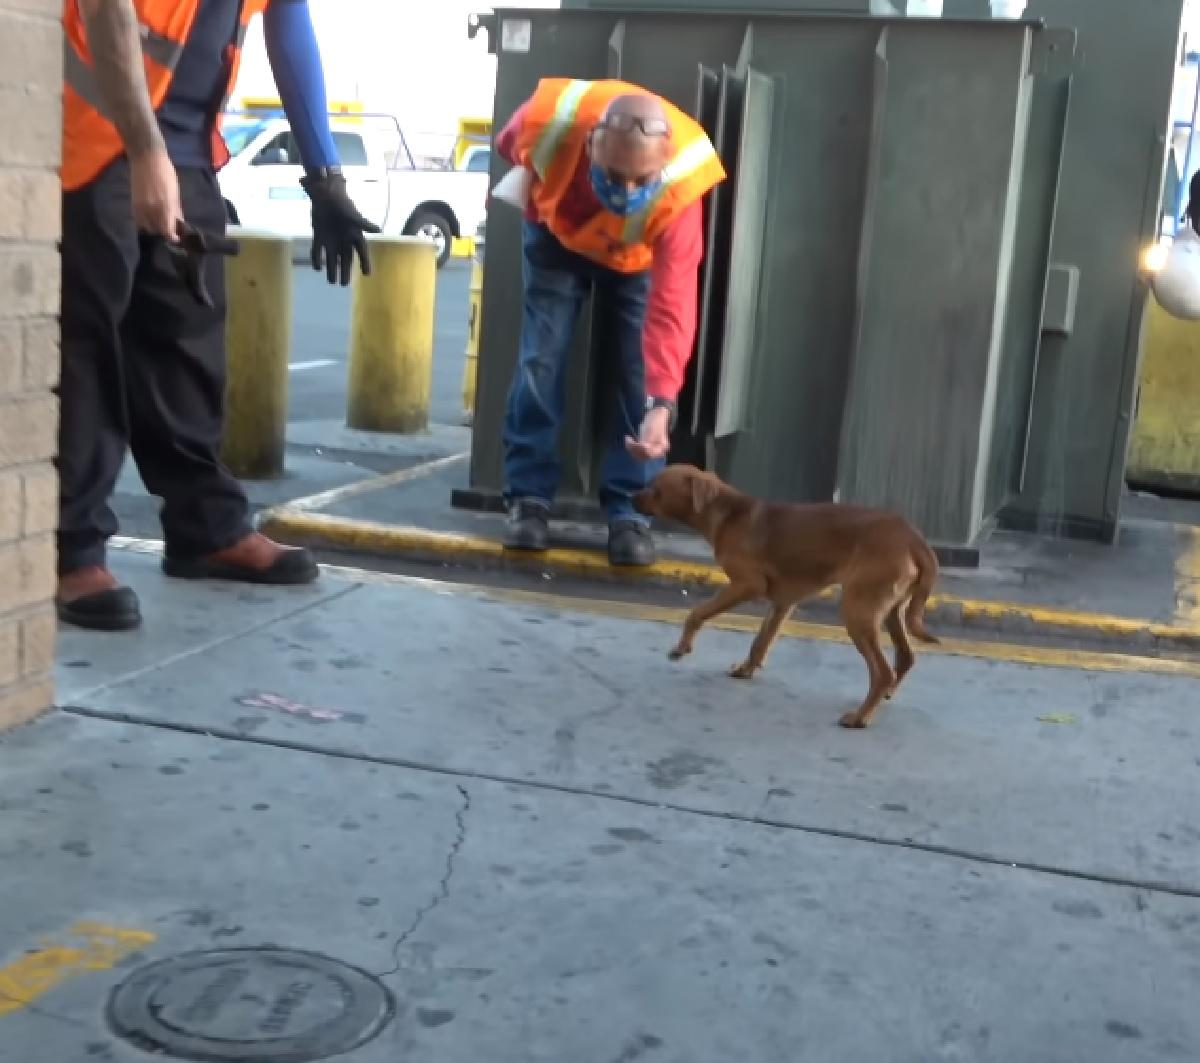 Questo cucciolo di cane viveva in un cantiere, un uomo ha registrato in video il suo difficile salvataggio